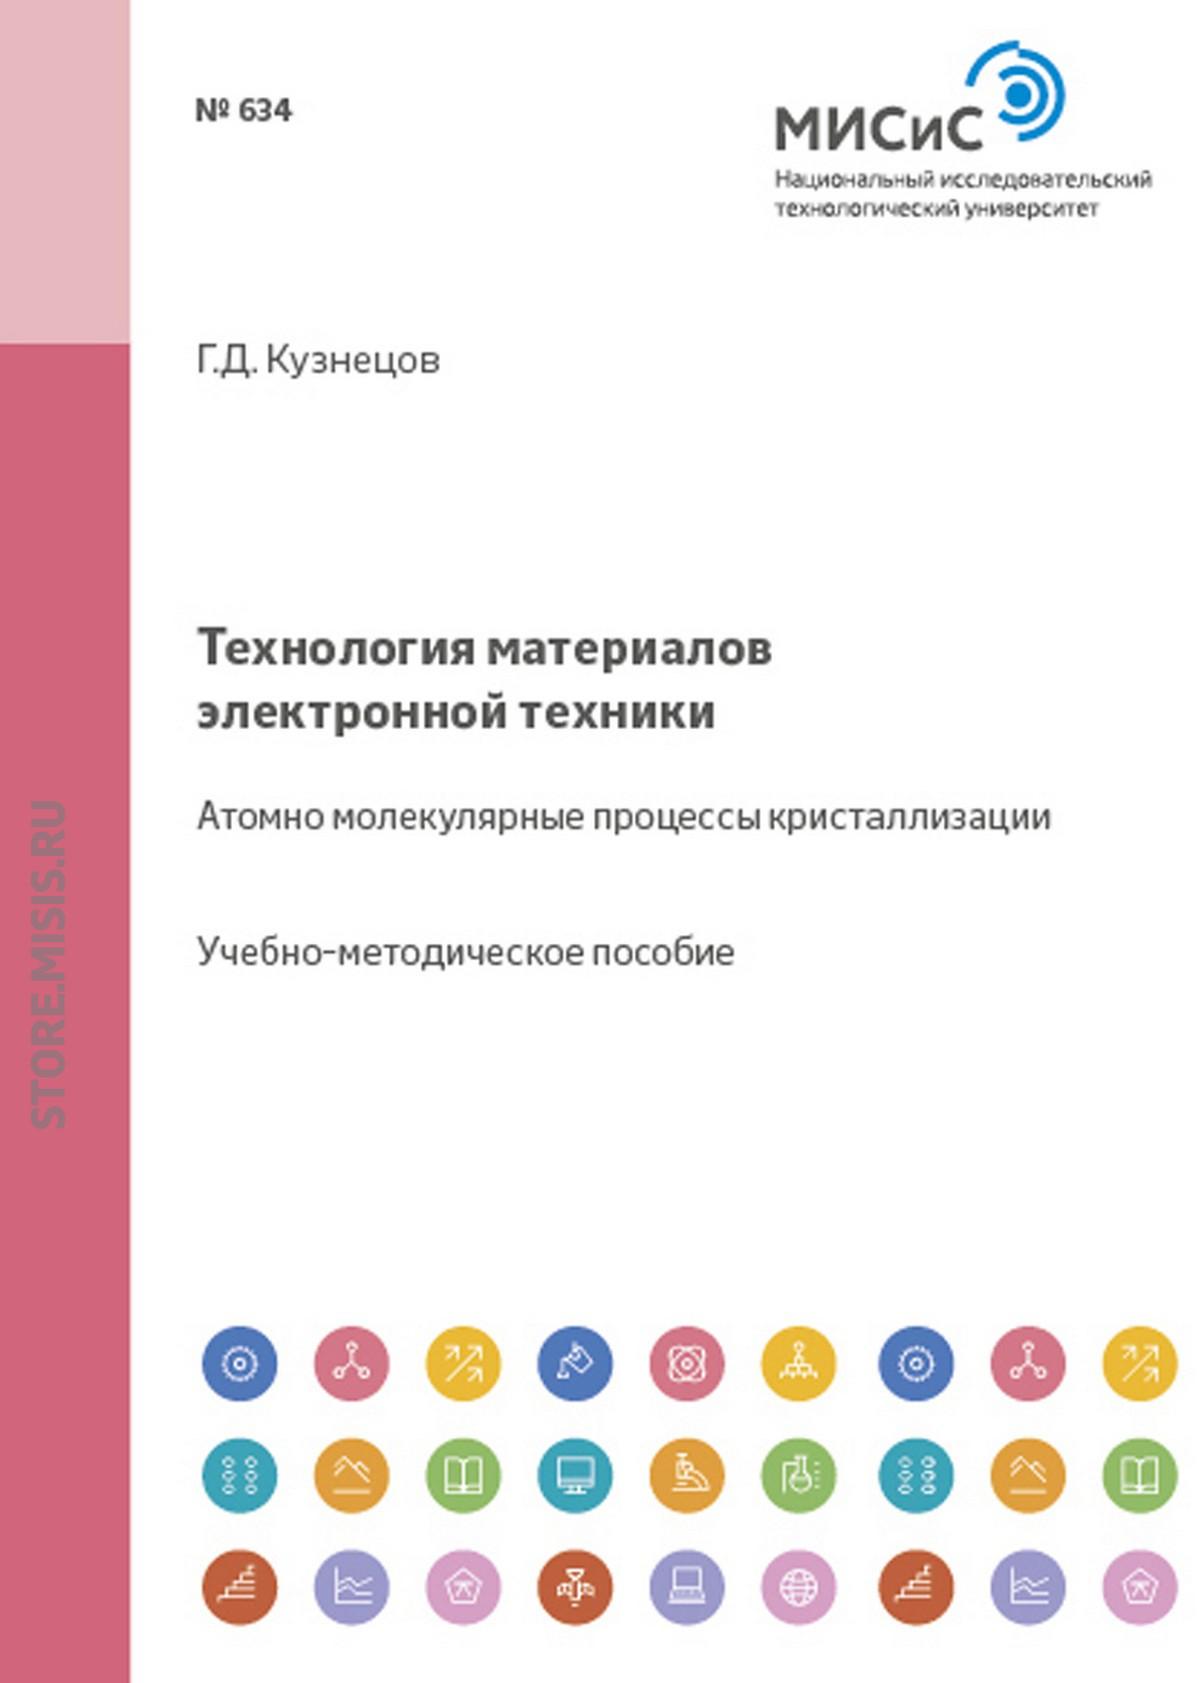 Геннадий Кузнецов Технология материалов электронной техники. Атомно-молекулярные процессы кристаллизации